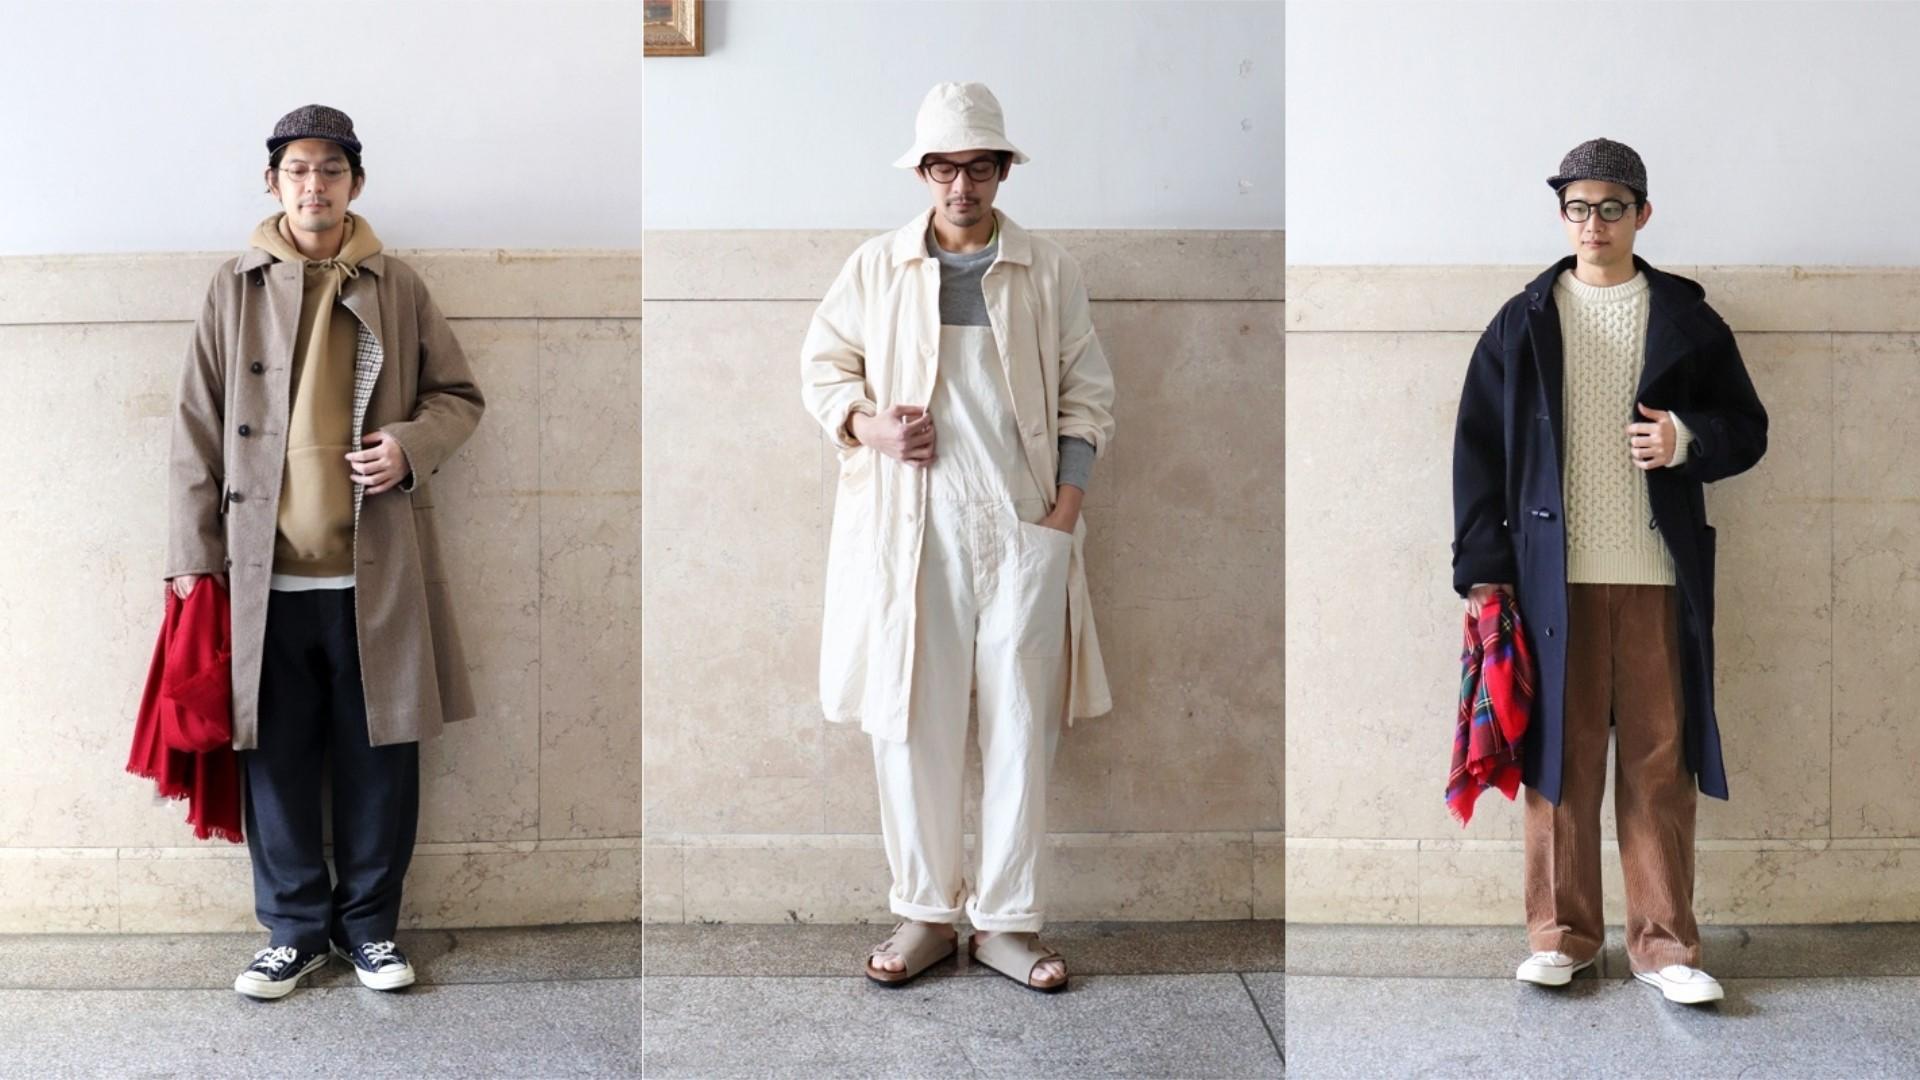 秋冬必備的男子大衣!三款來自日本設計品牌的大衣穿搭推薦